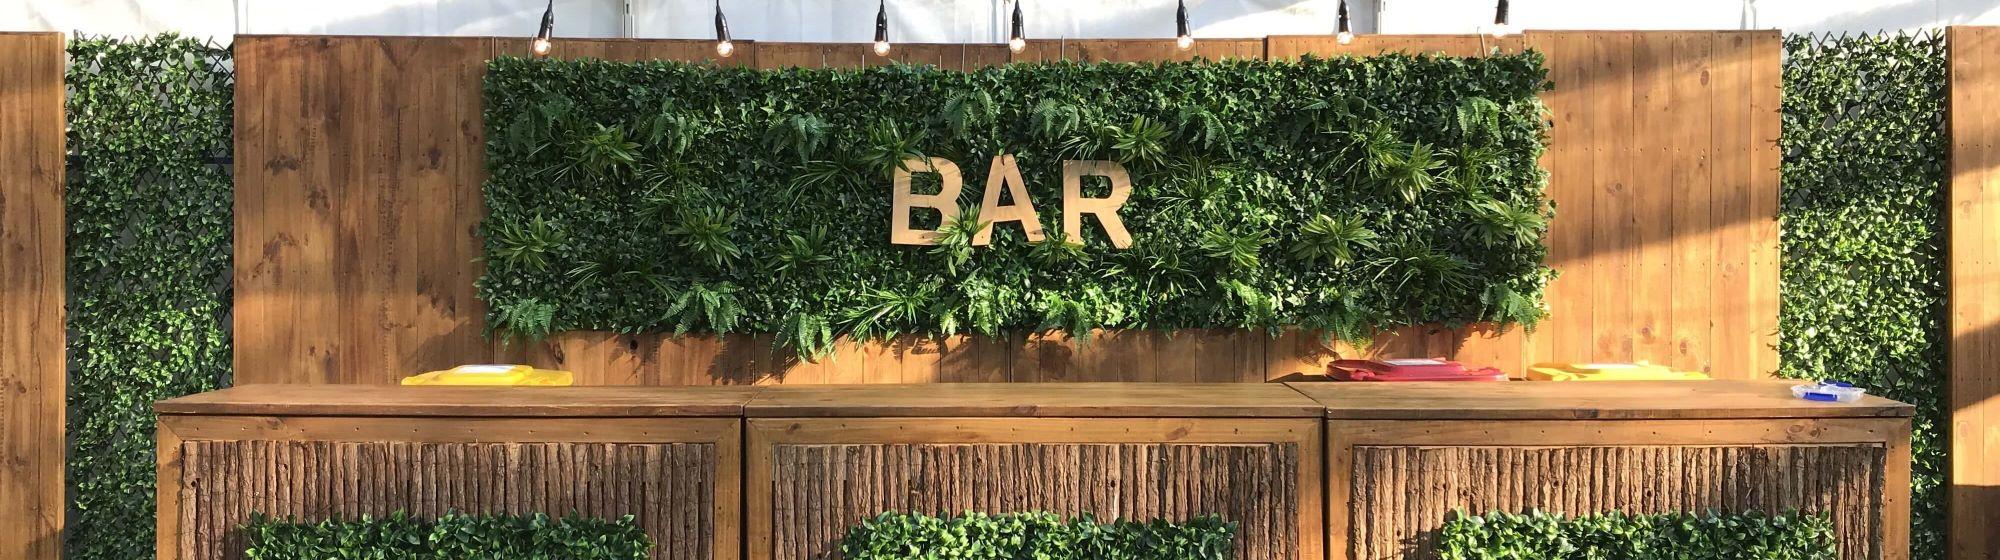 Bar Main Banner  28%.jpg